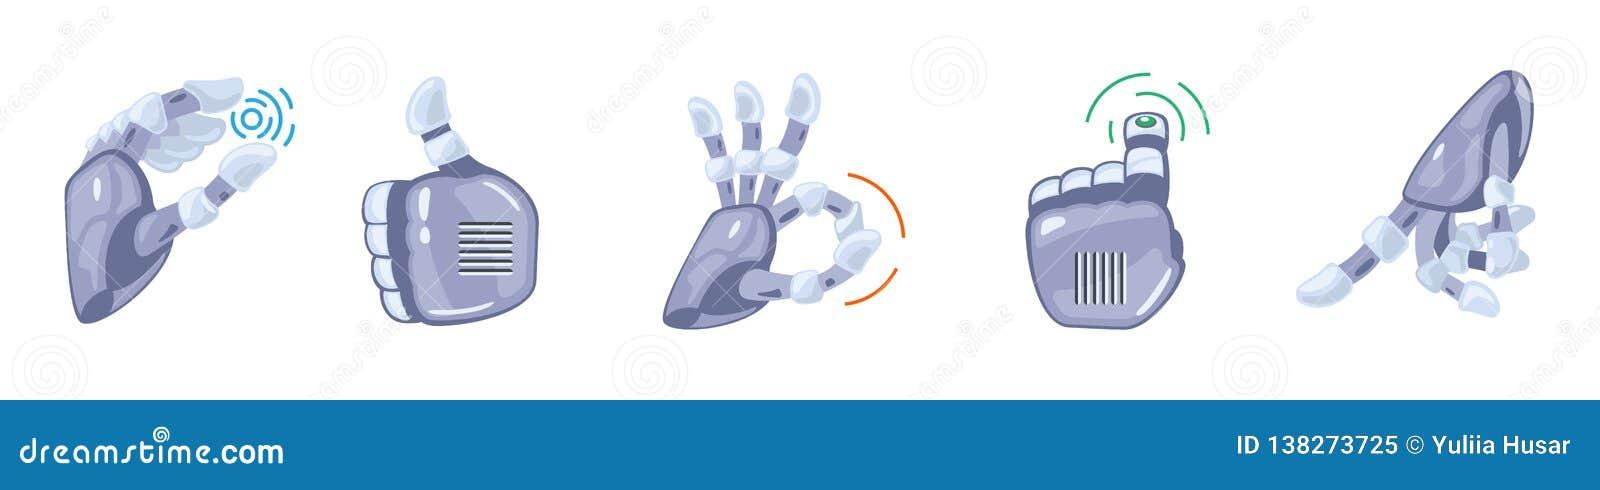 机器人手势 机器人手 机械技术机器工程学标志 姿态递集 符号